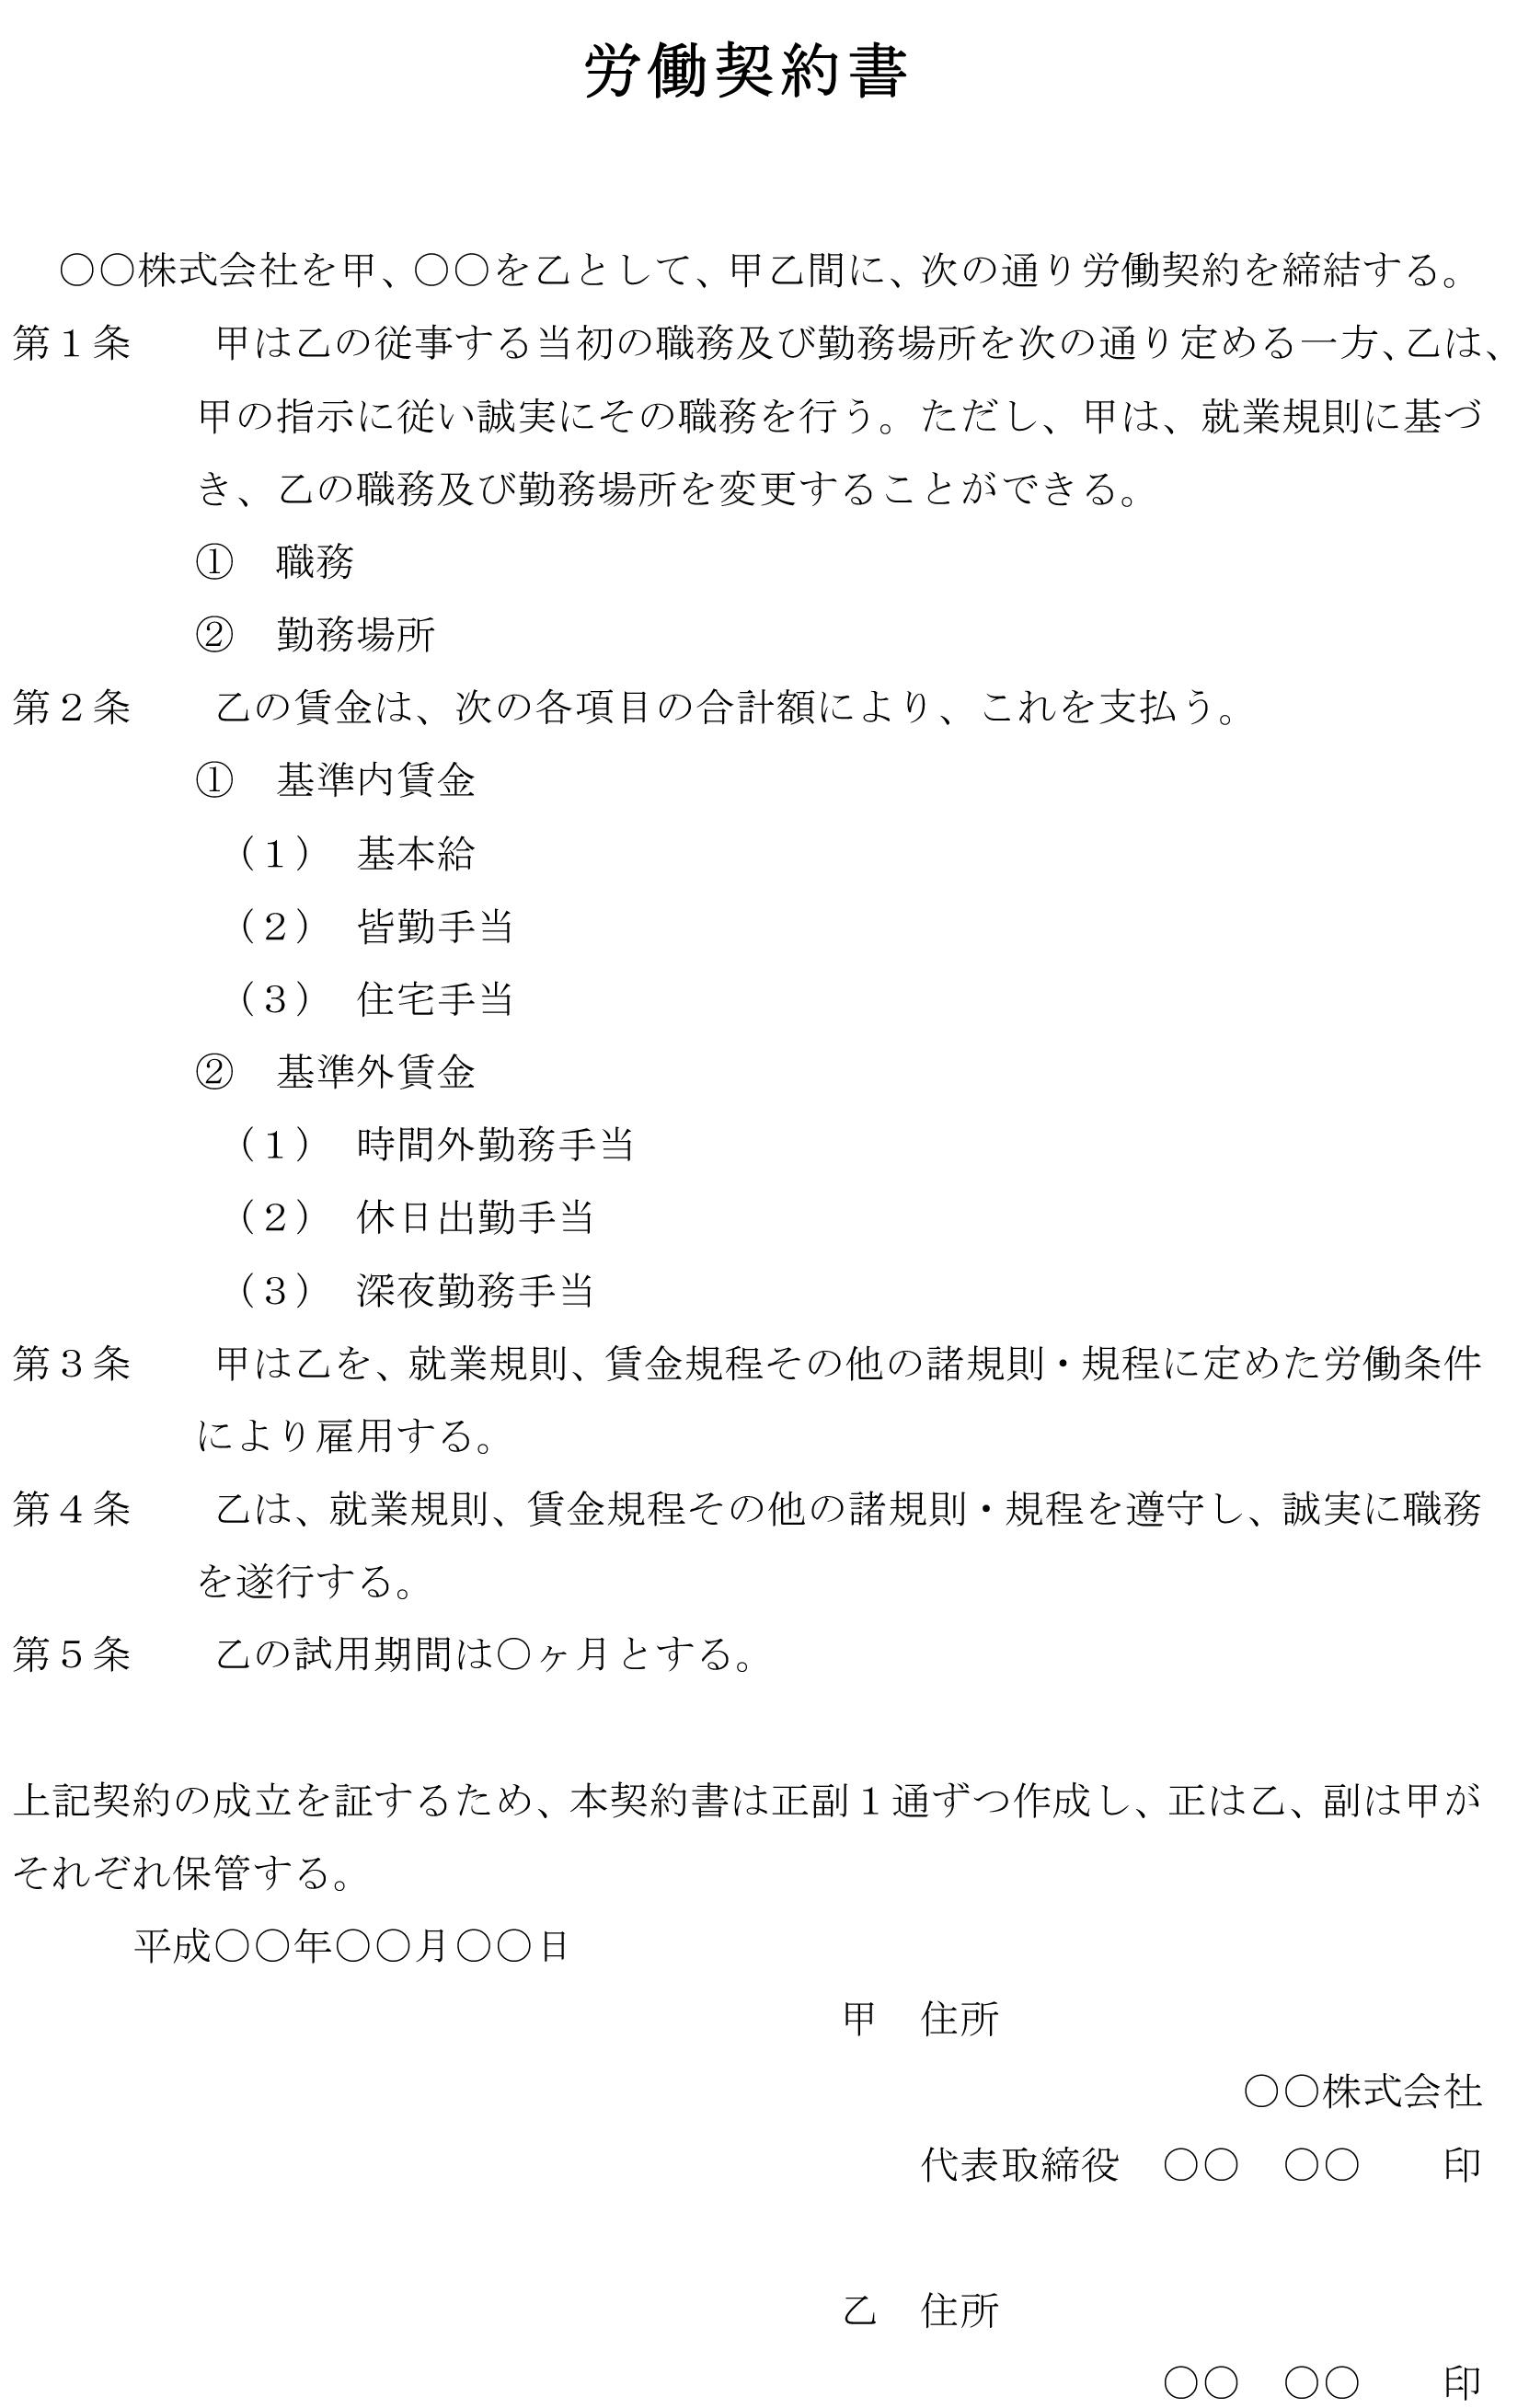 労働契約書05